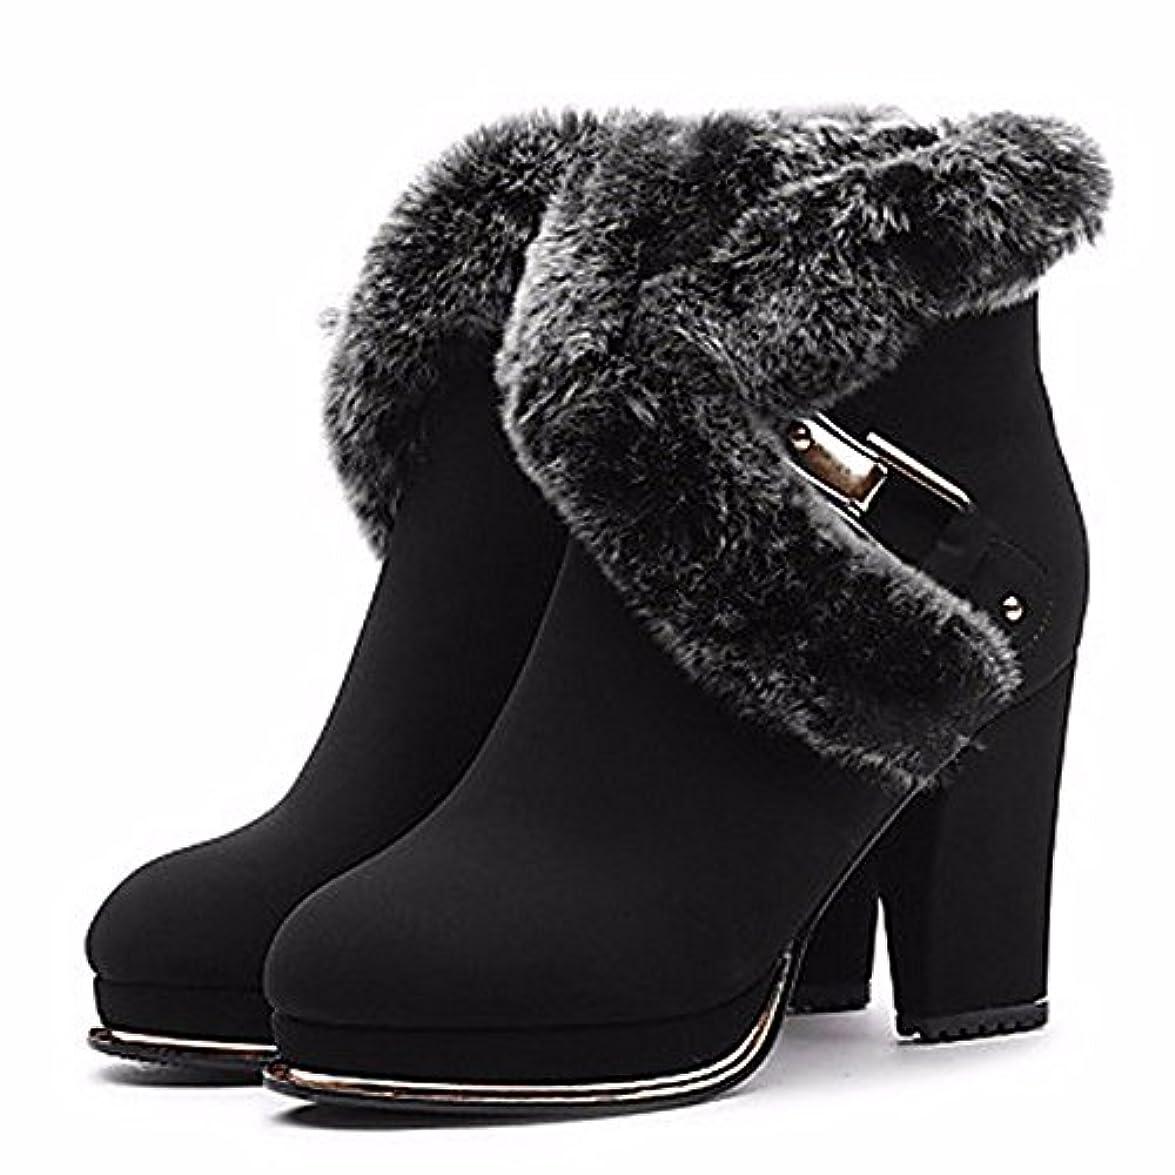 Zhudj Scarpe Donna Inverno Sintetico Snow Boots Fashion Stivali Bootie Babbucce stivaletti Per Party amp; Abito Da Sera Vino Nero